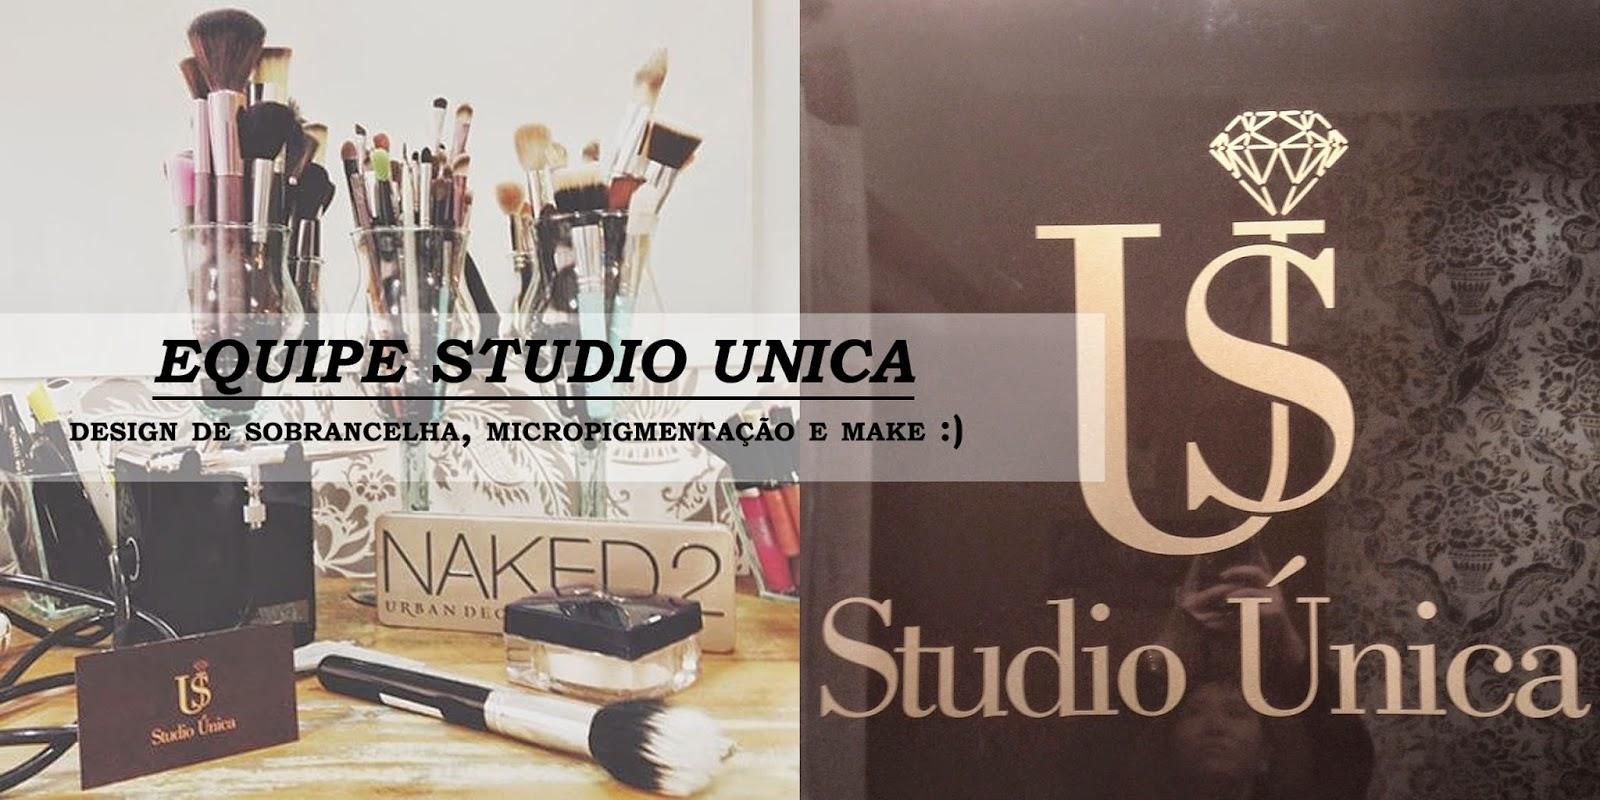 Dicas Curitiba - Studio Única